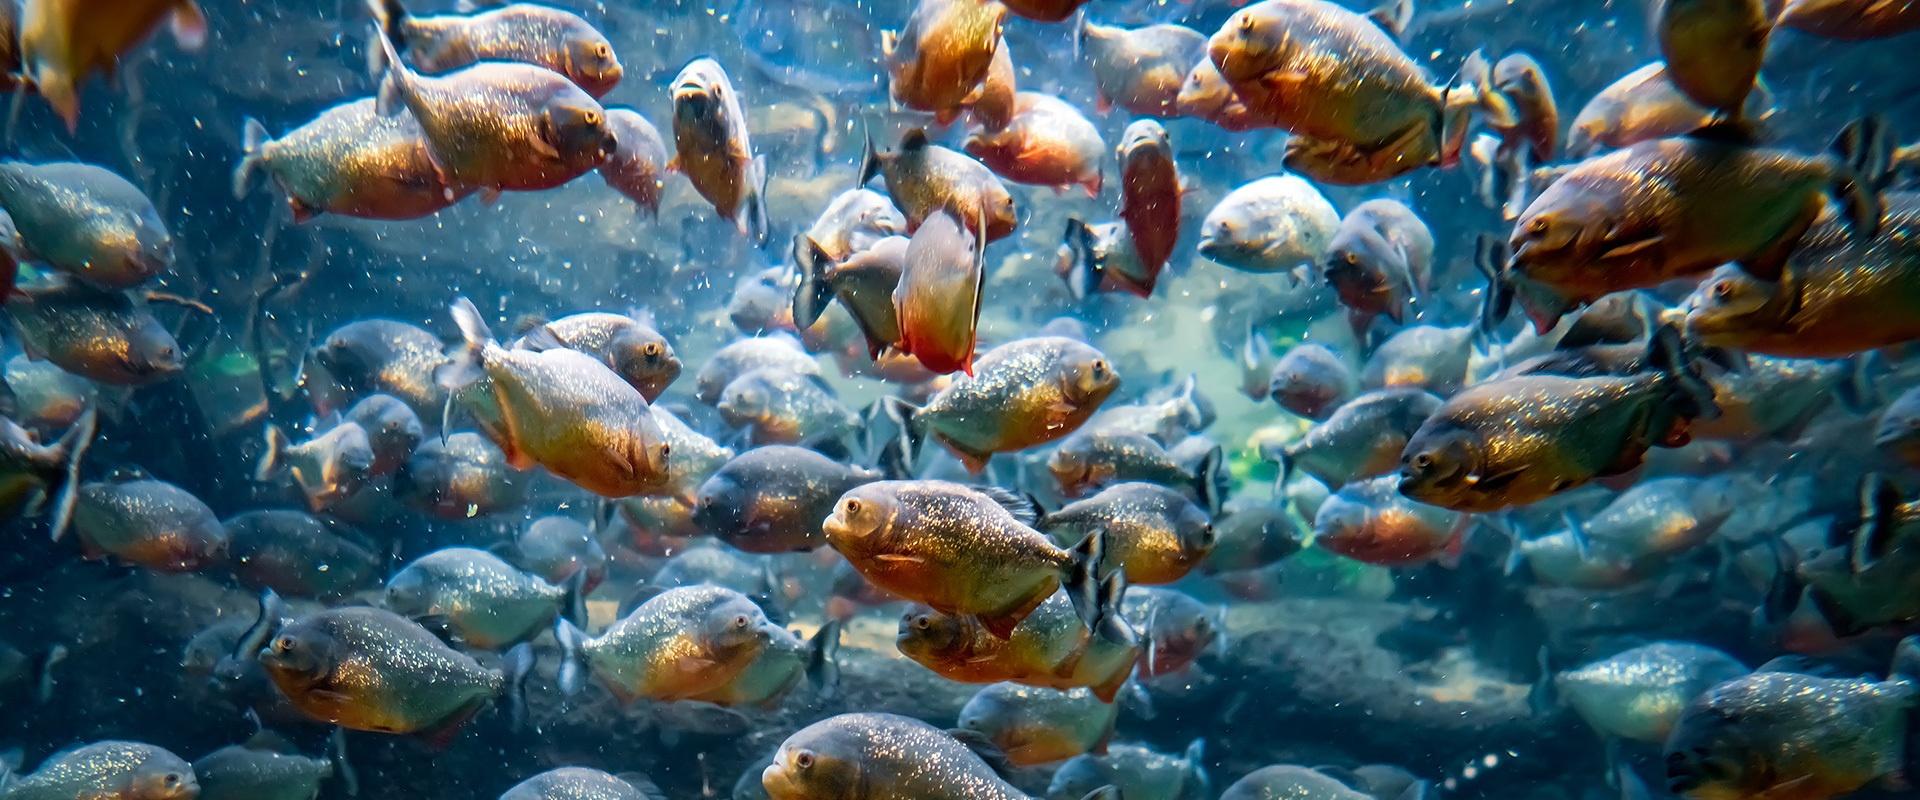 Piranhas criaram fama e se deitaram na cama!